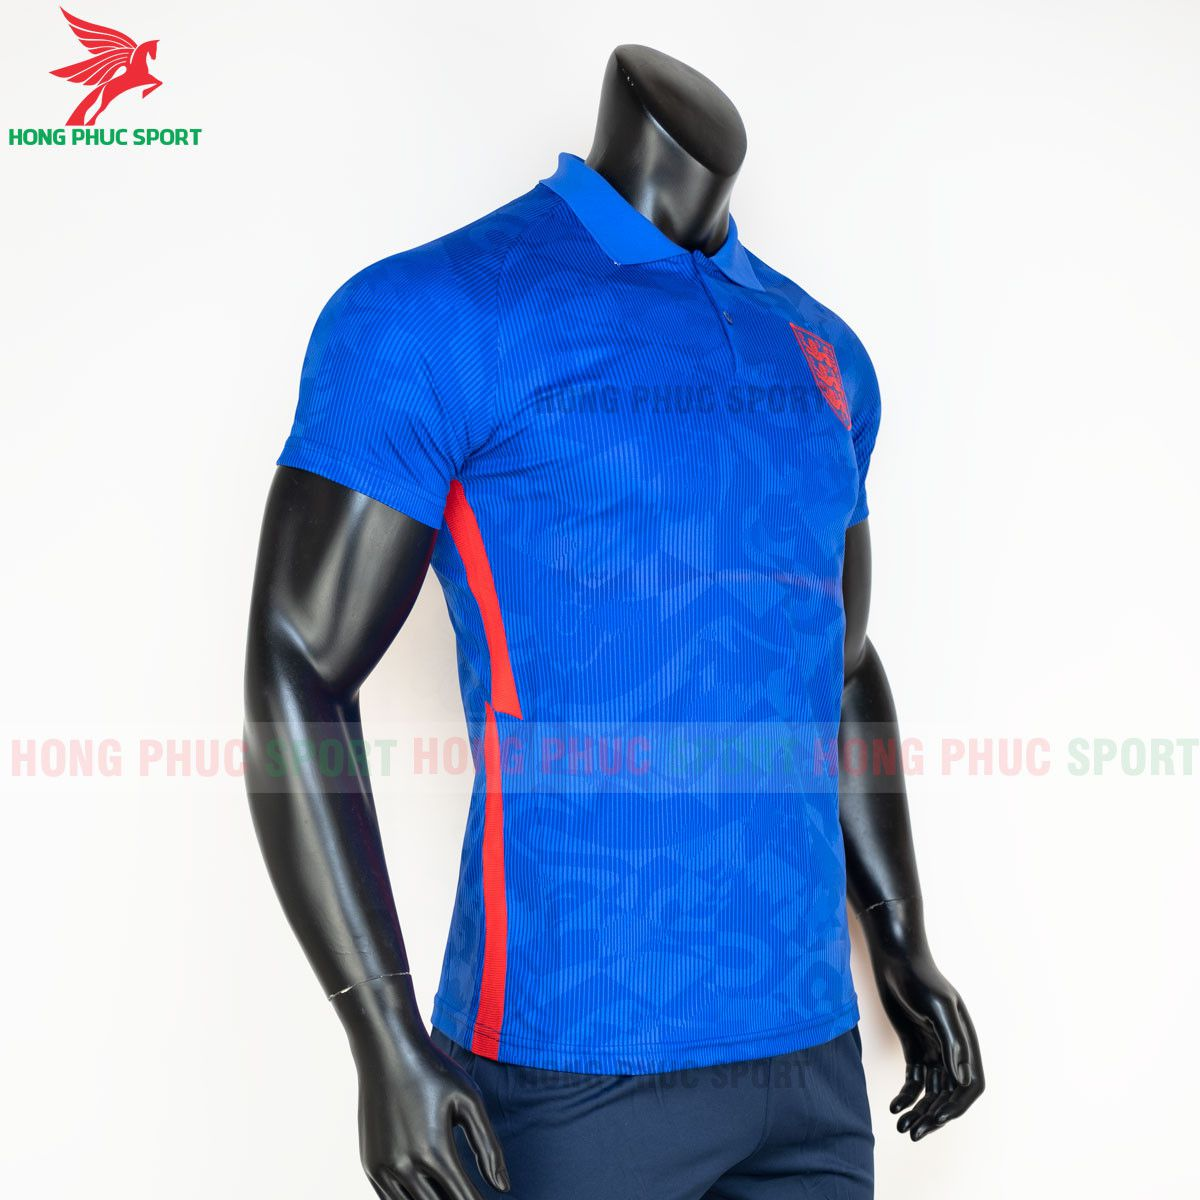 https://cdn.hongphucsport.com/unsafe/s4.shopbay.vn/files/285/ao-bong-da-tuyen-anh-2021-san-khach-hang-thai-5-60d2f98f028c4.jpg